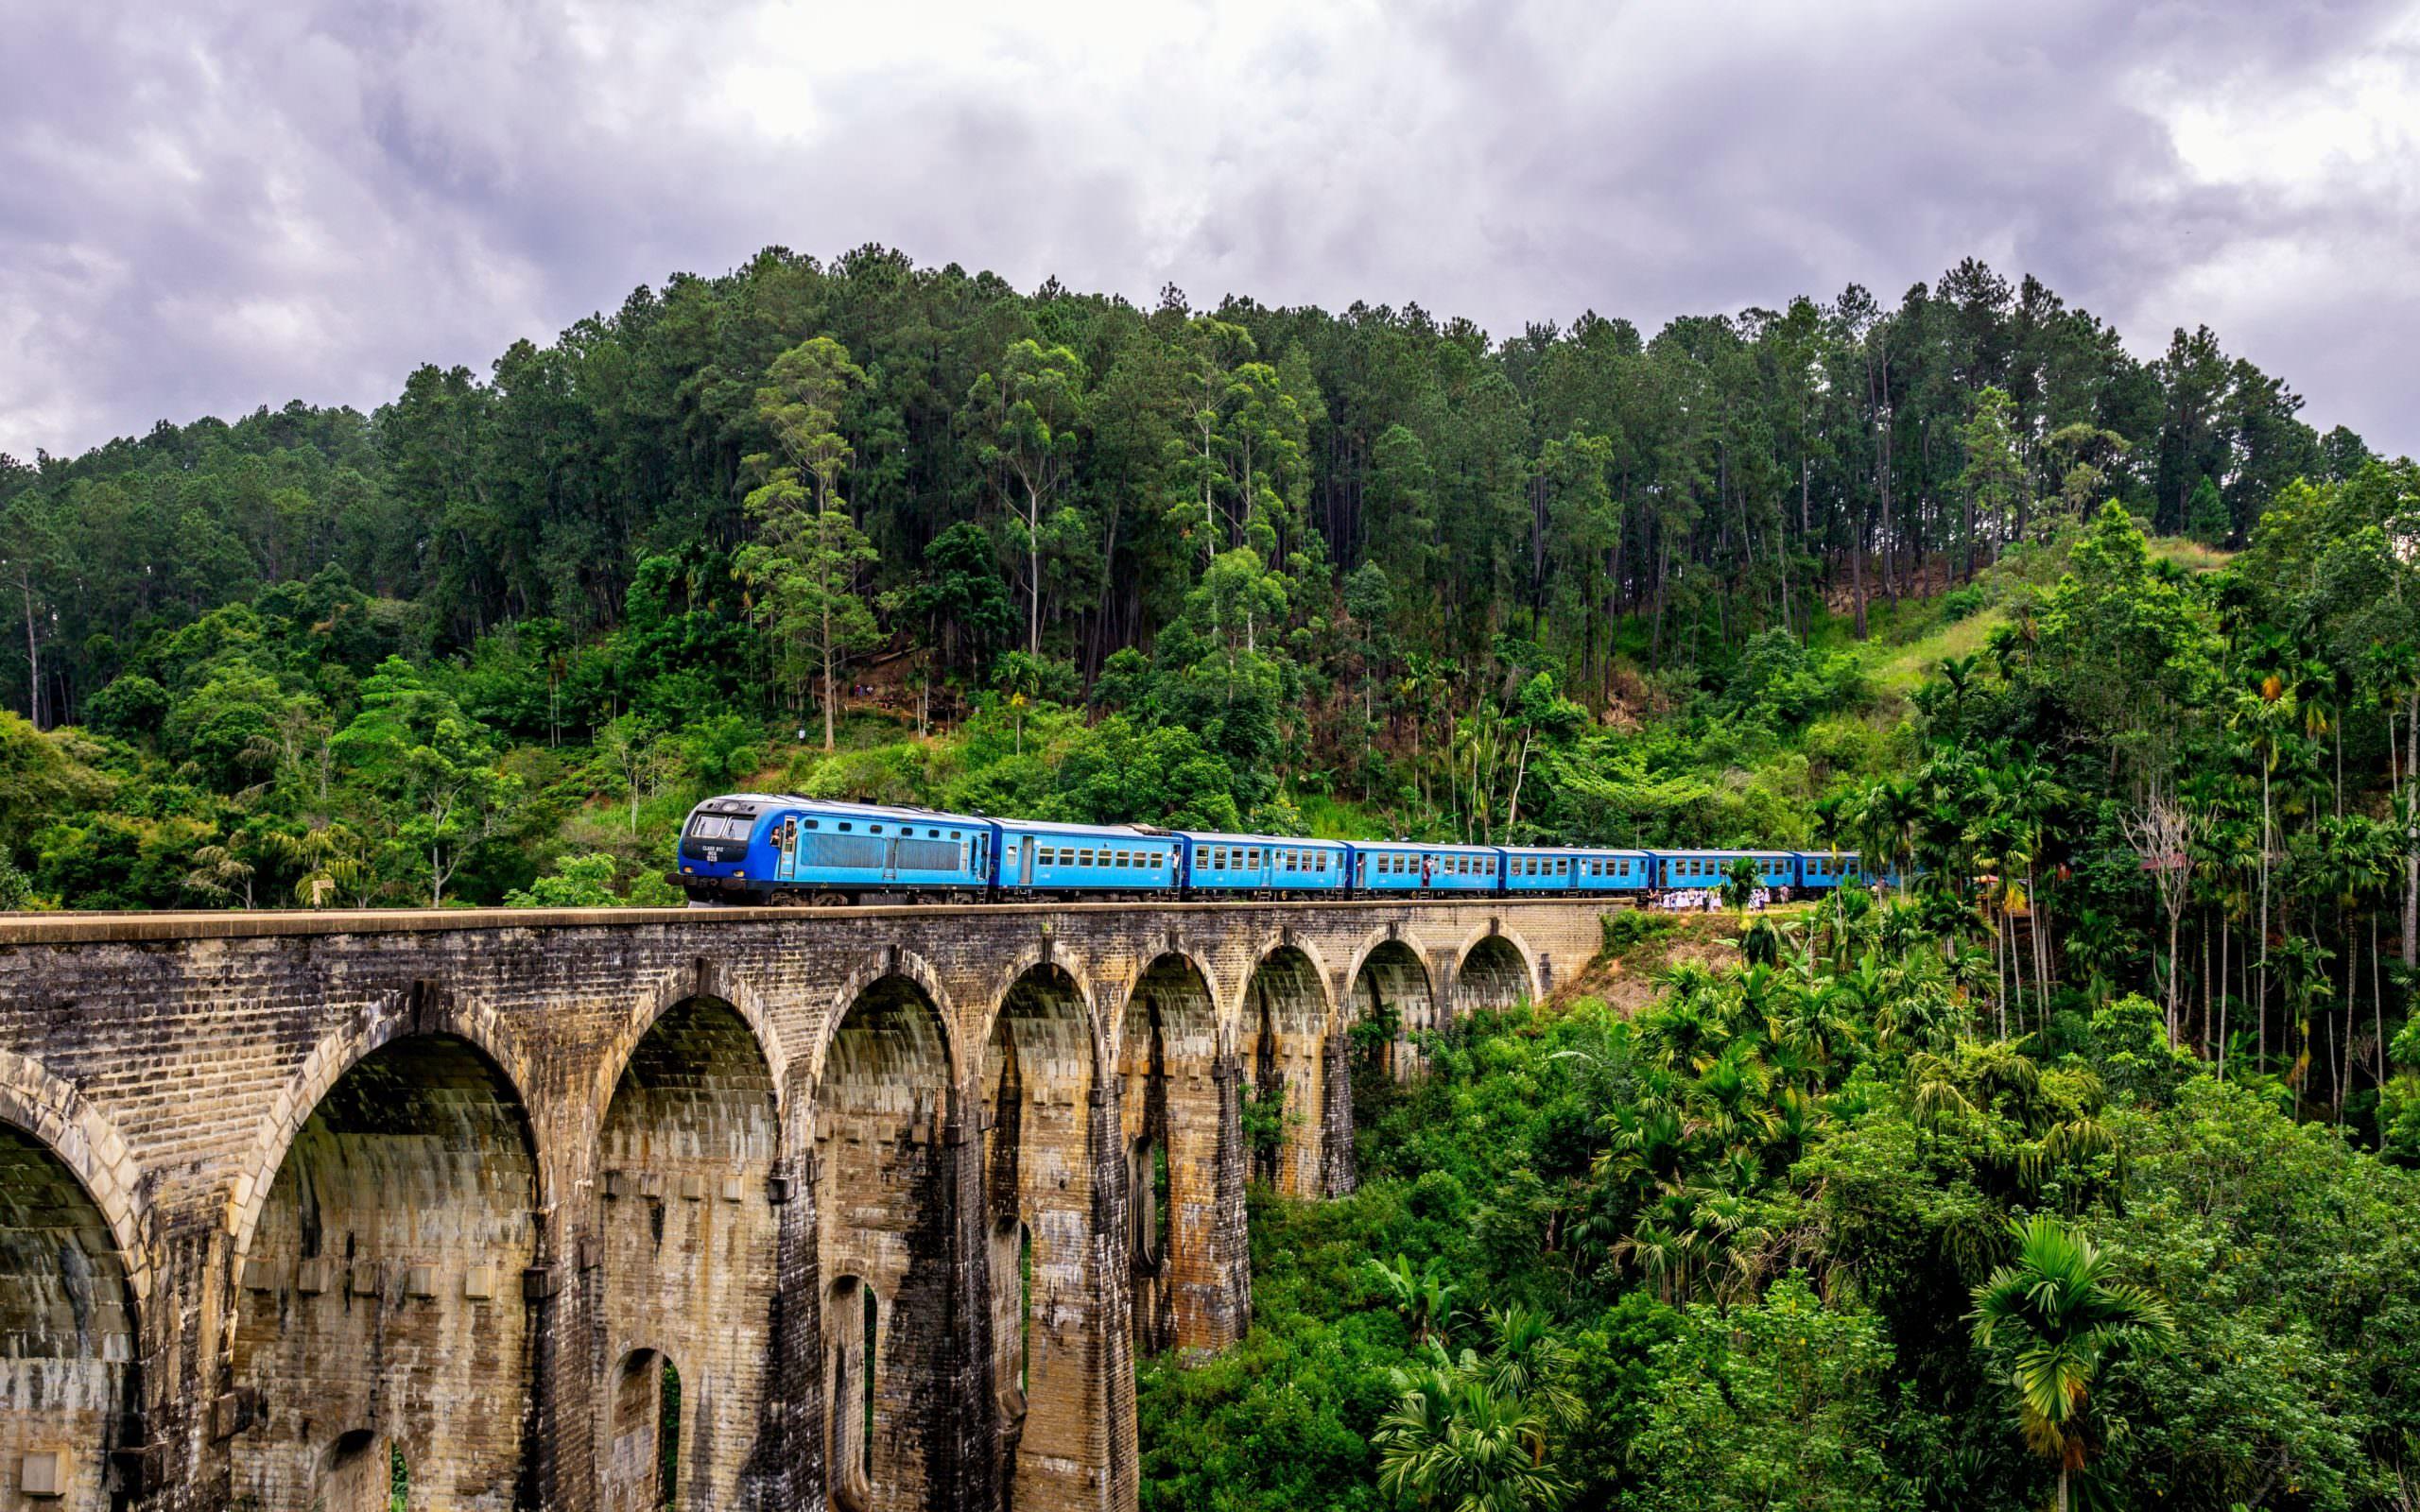 أهم الأسباب التي تدفعك لزيارة سريلانكا